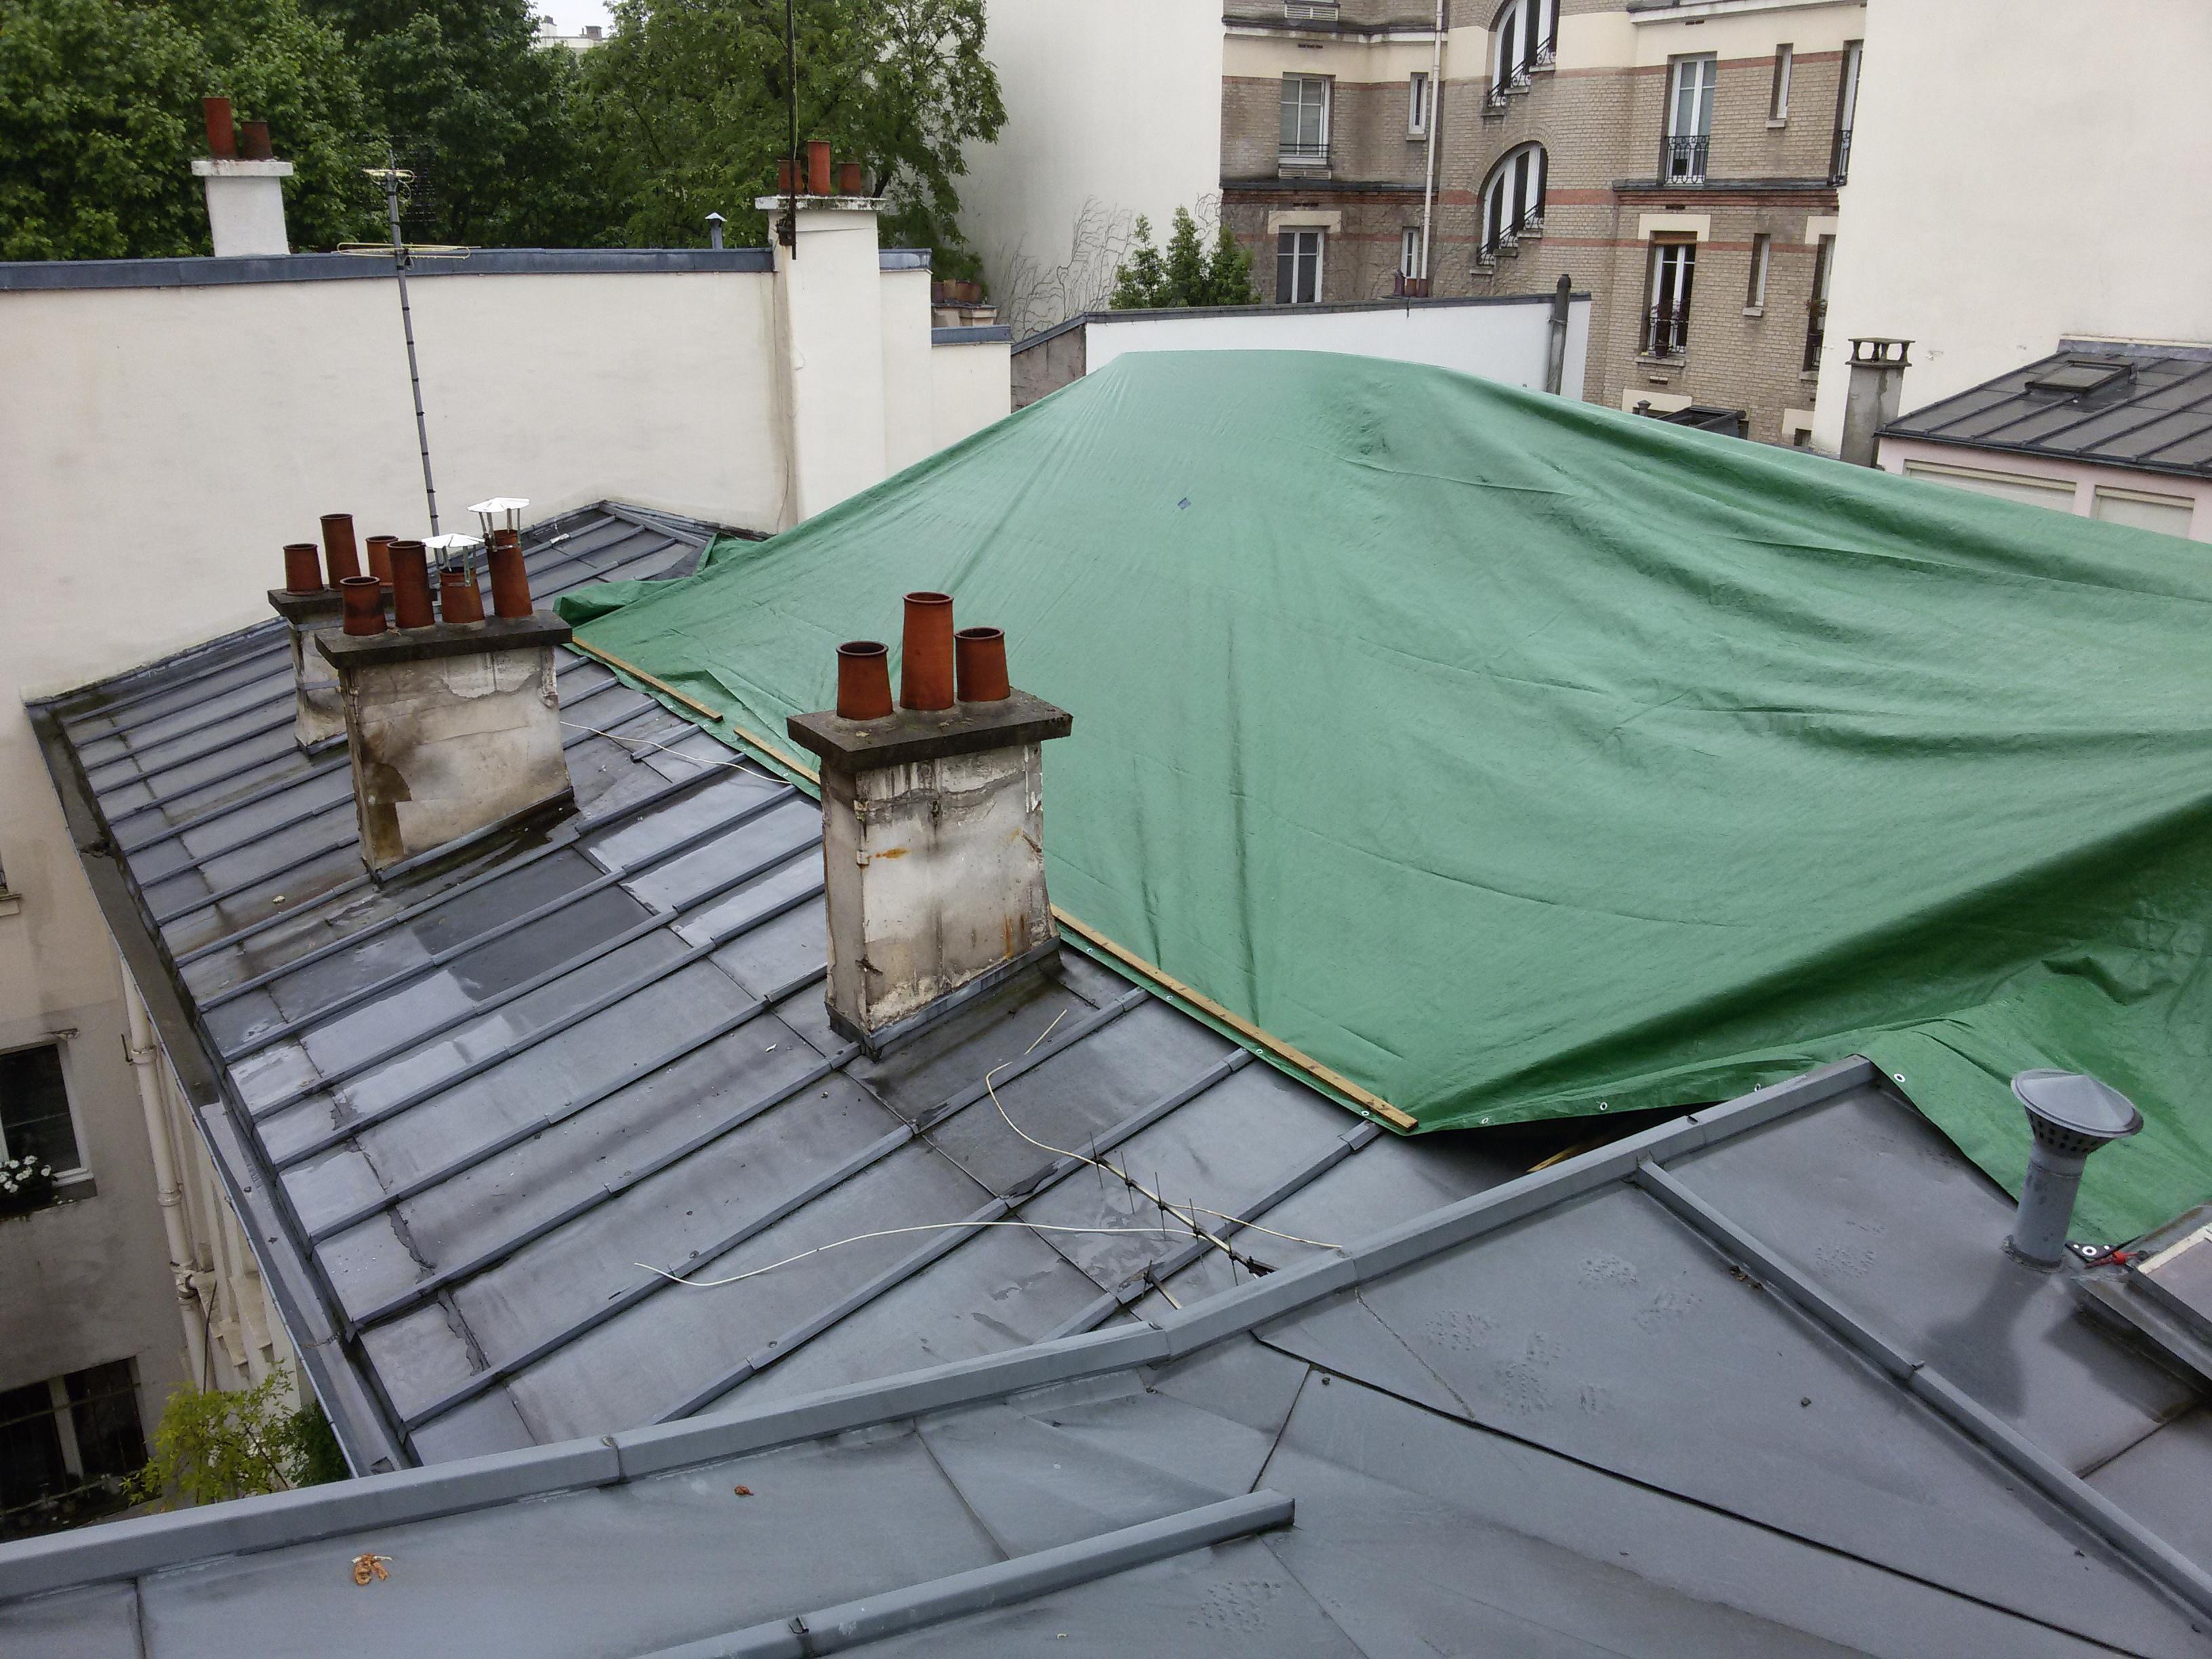 Création D'une Terrasse Sur Le Toit D'un Immeuble Parisien ... tout Acces Toit Terrasse